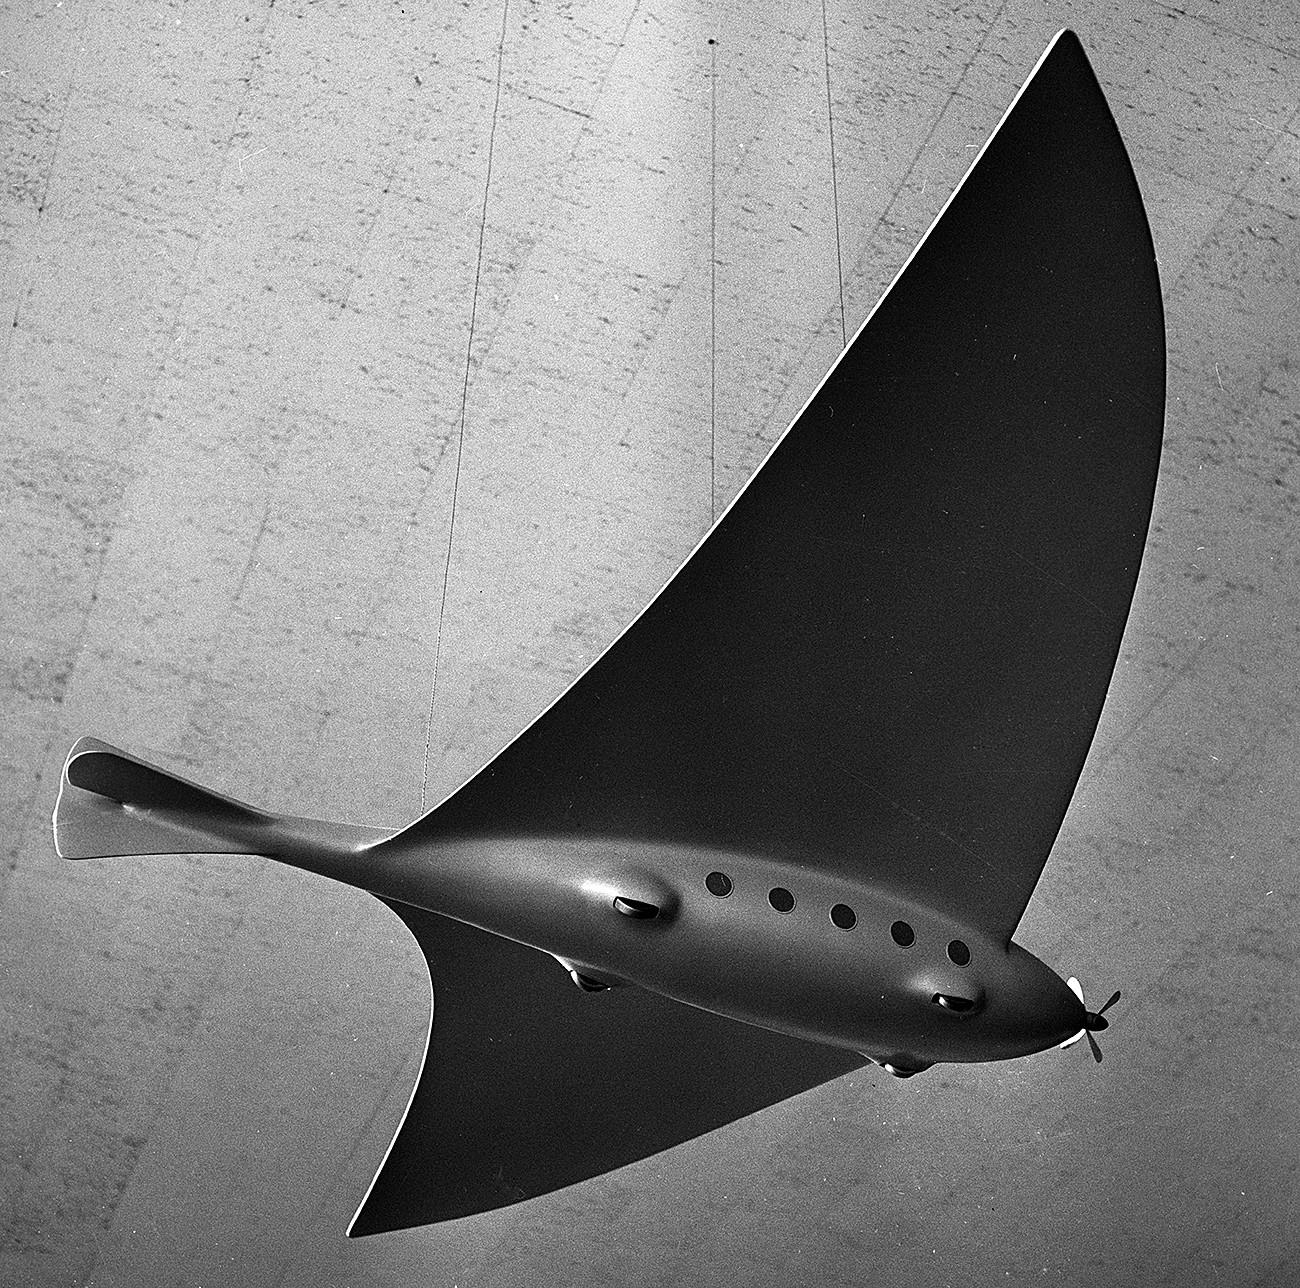 Modelo de la aeronave de Tsiolkovski.